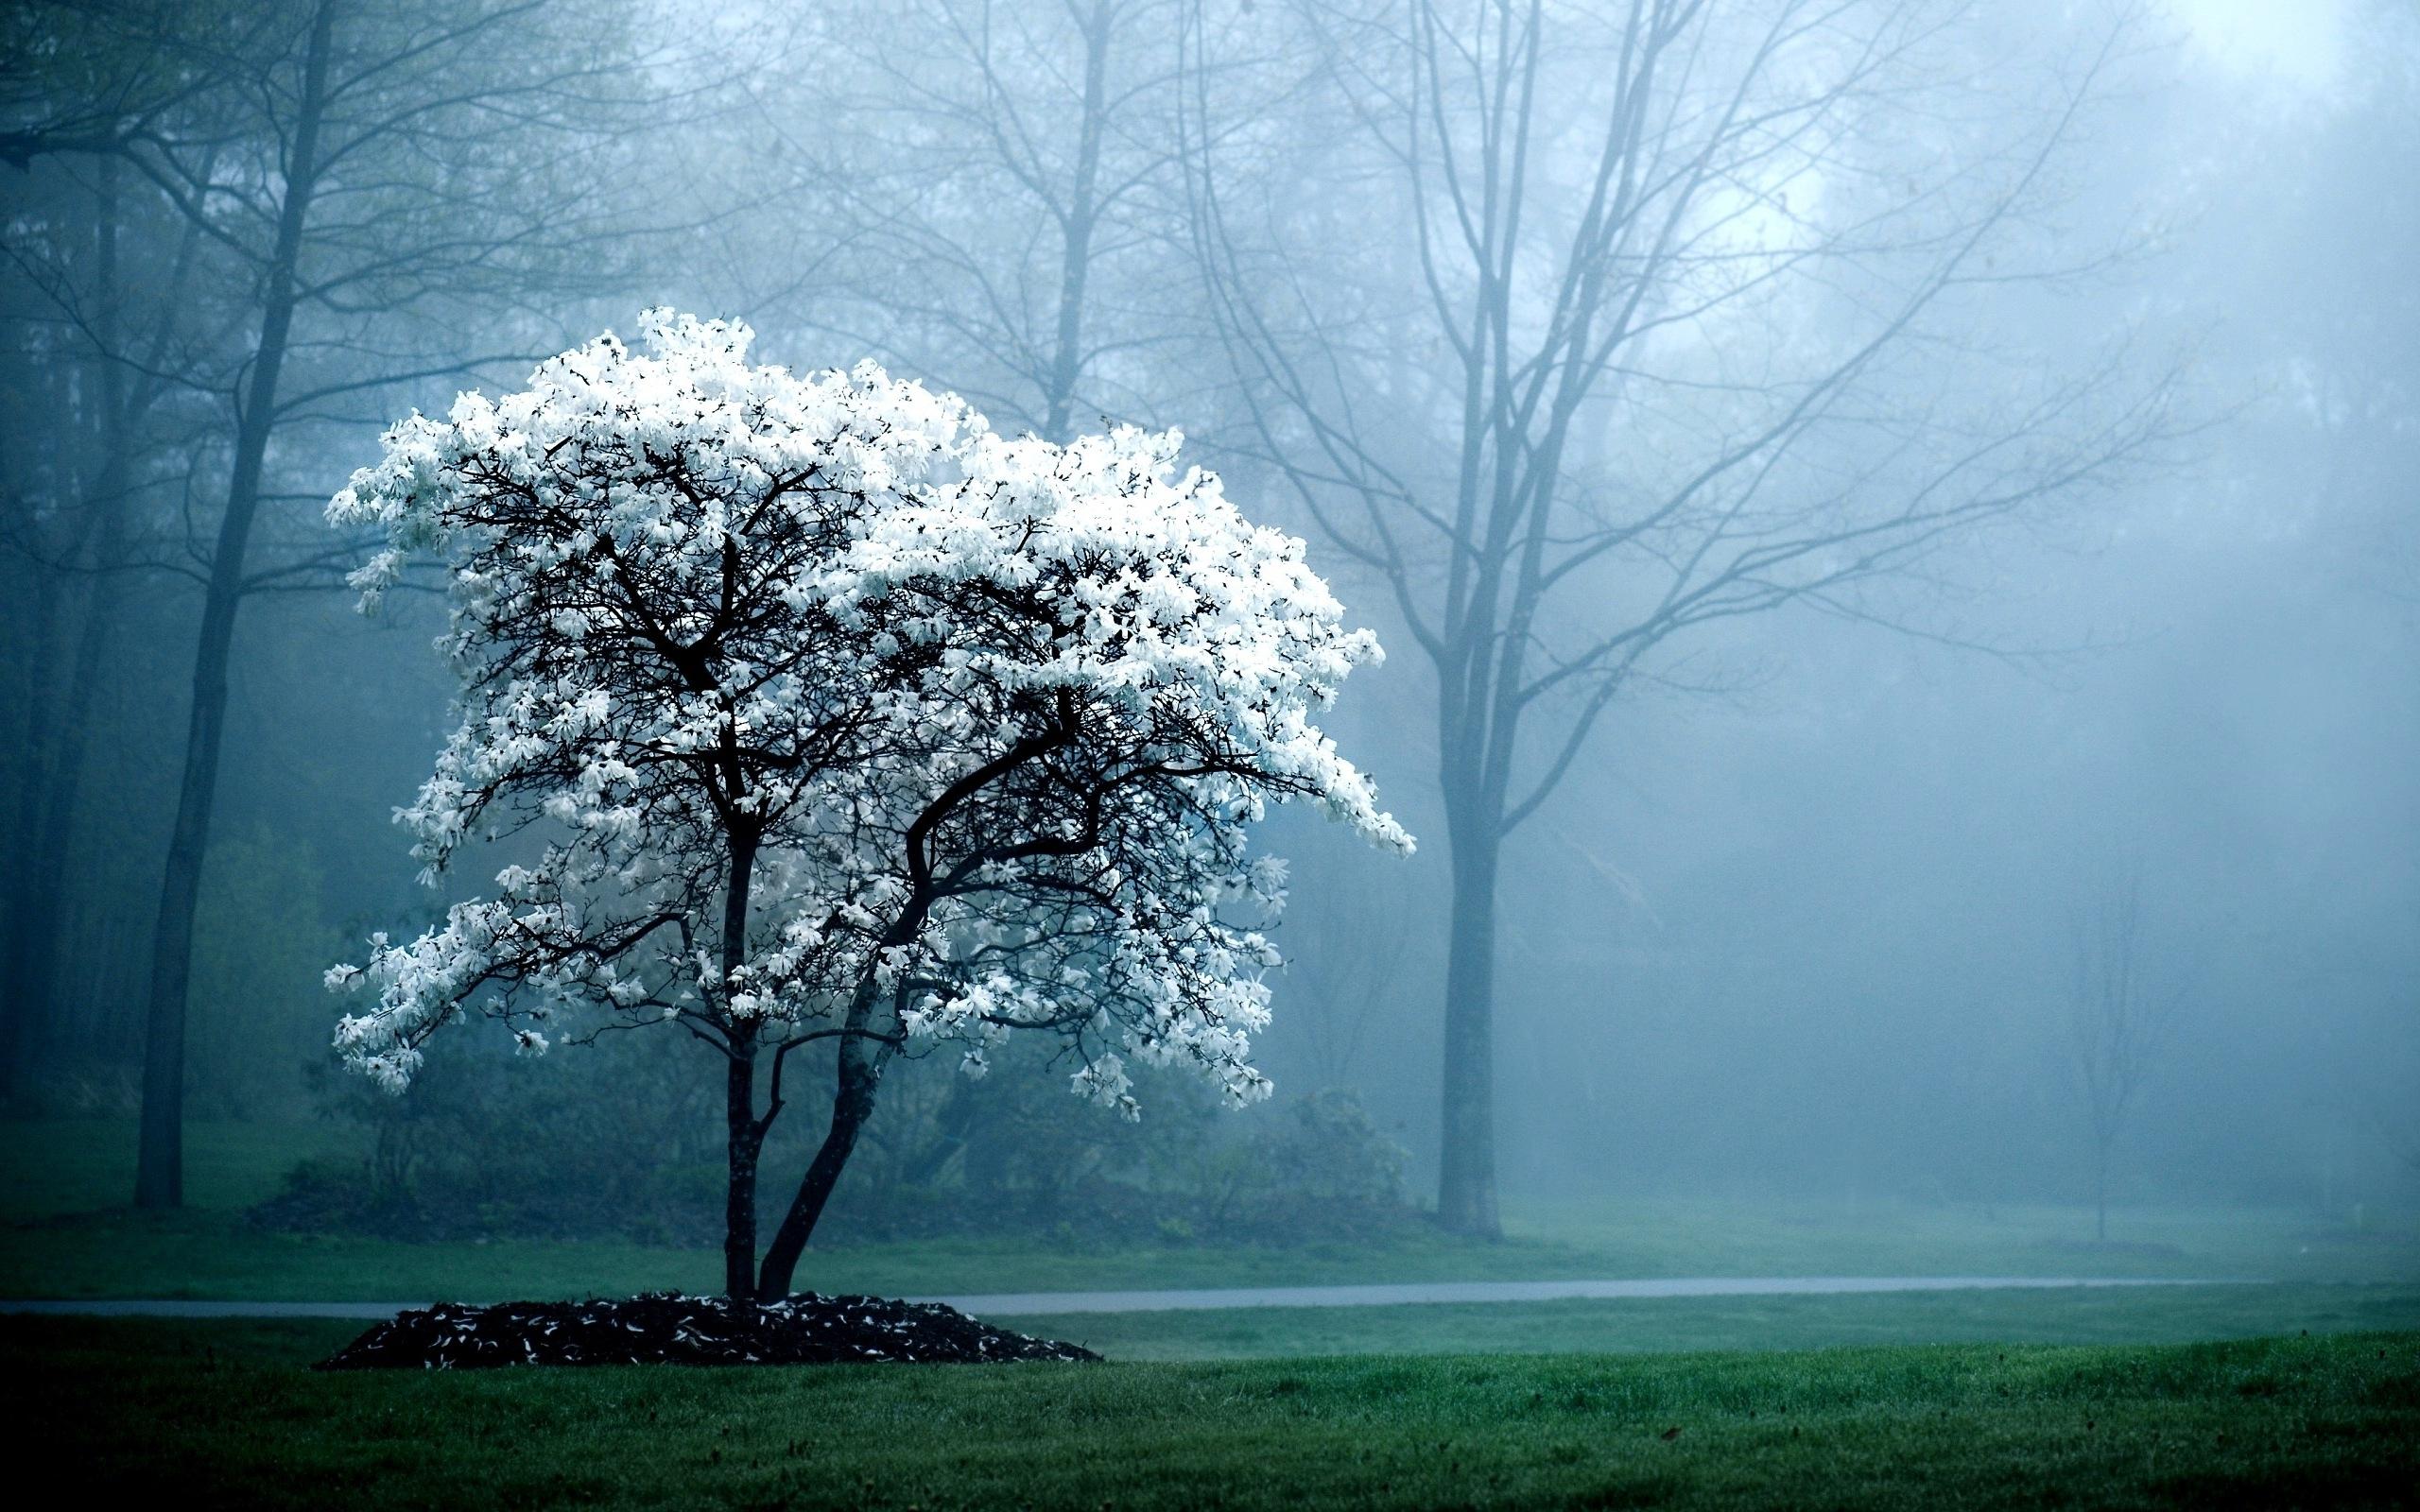 Картинка: Дерево, лес, туман, дорога, деревья, природа